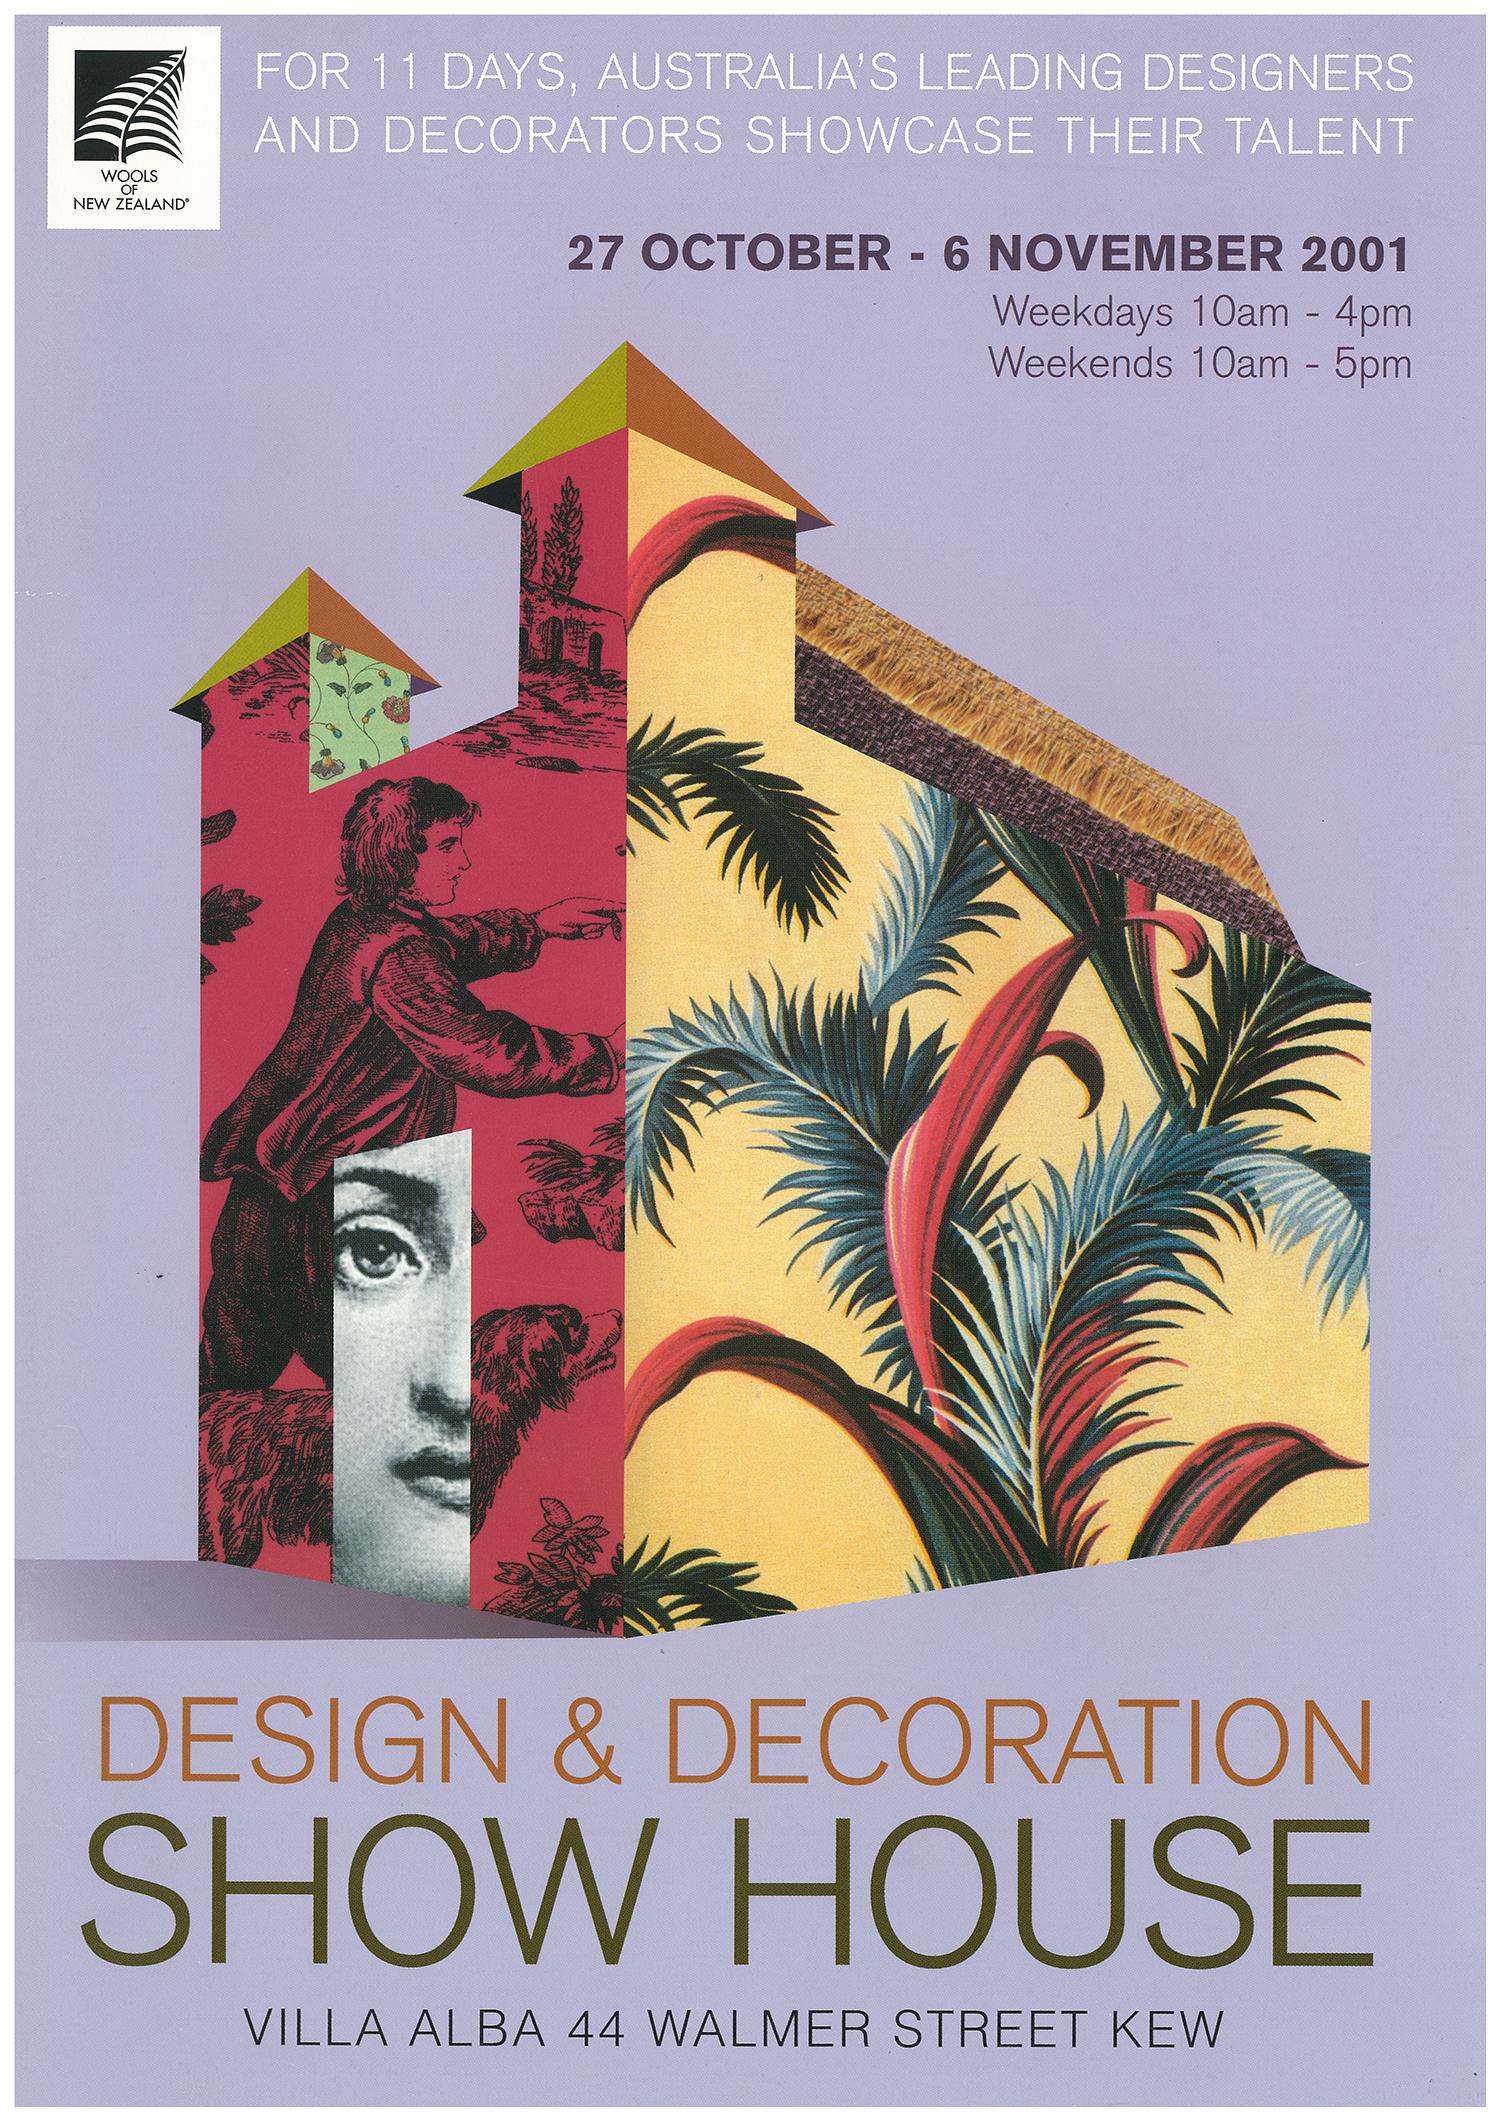 Design & Decoration Show House